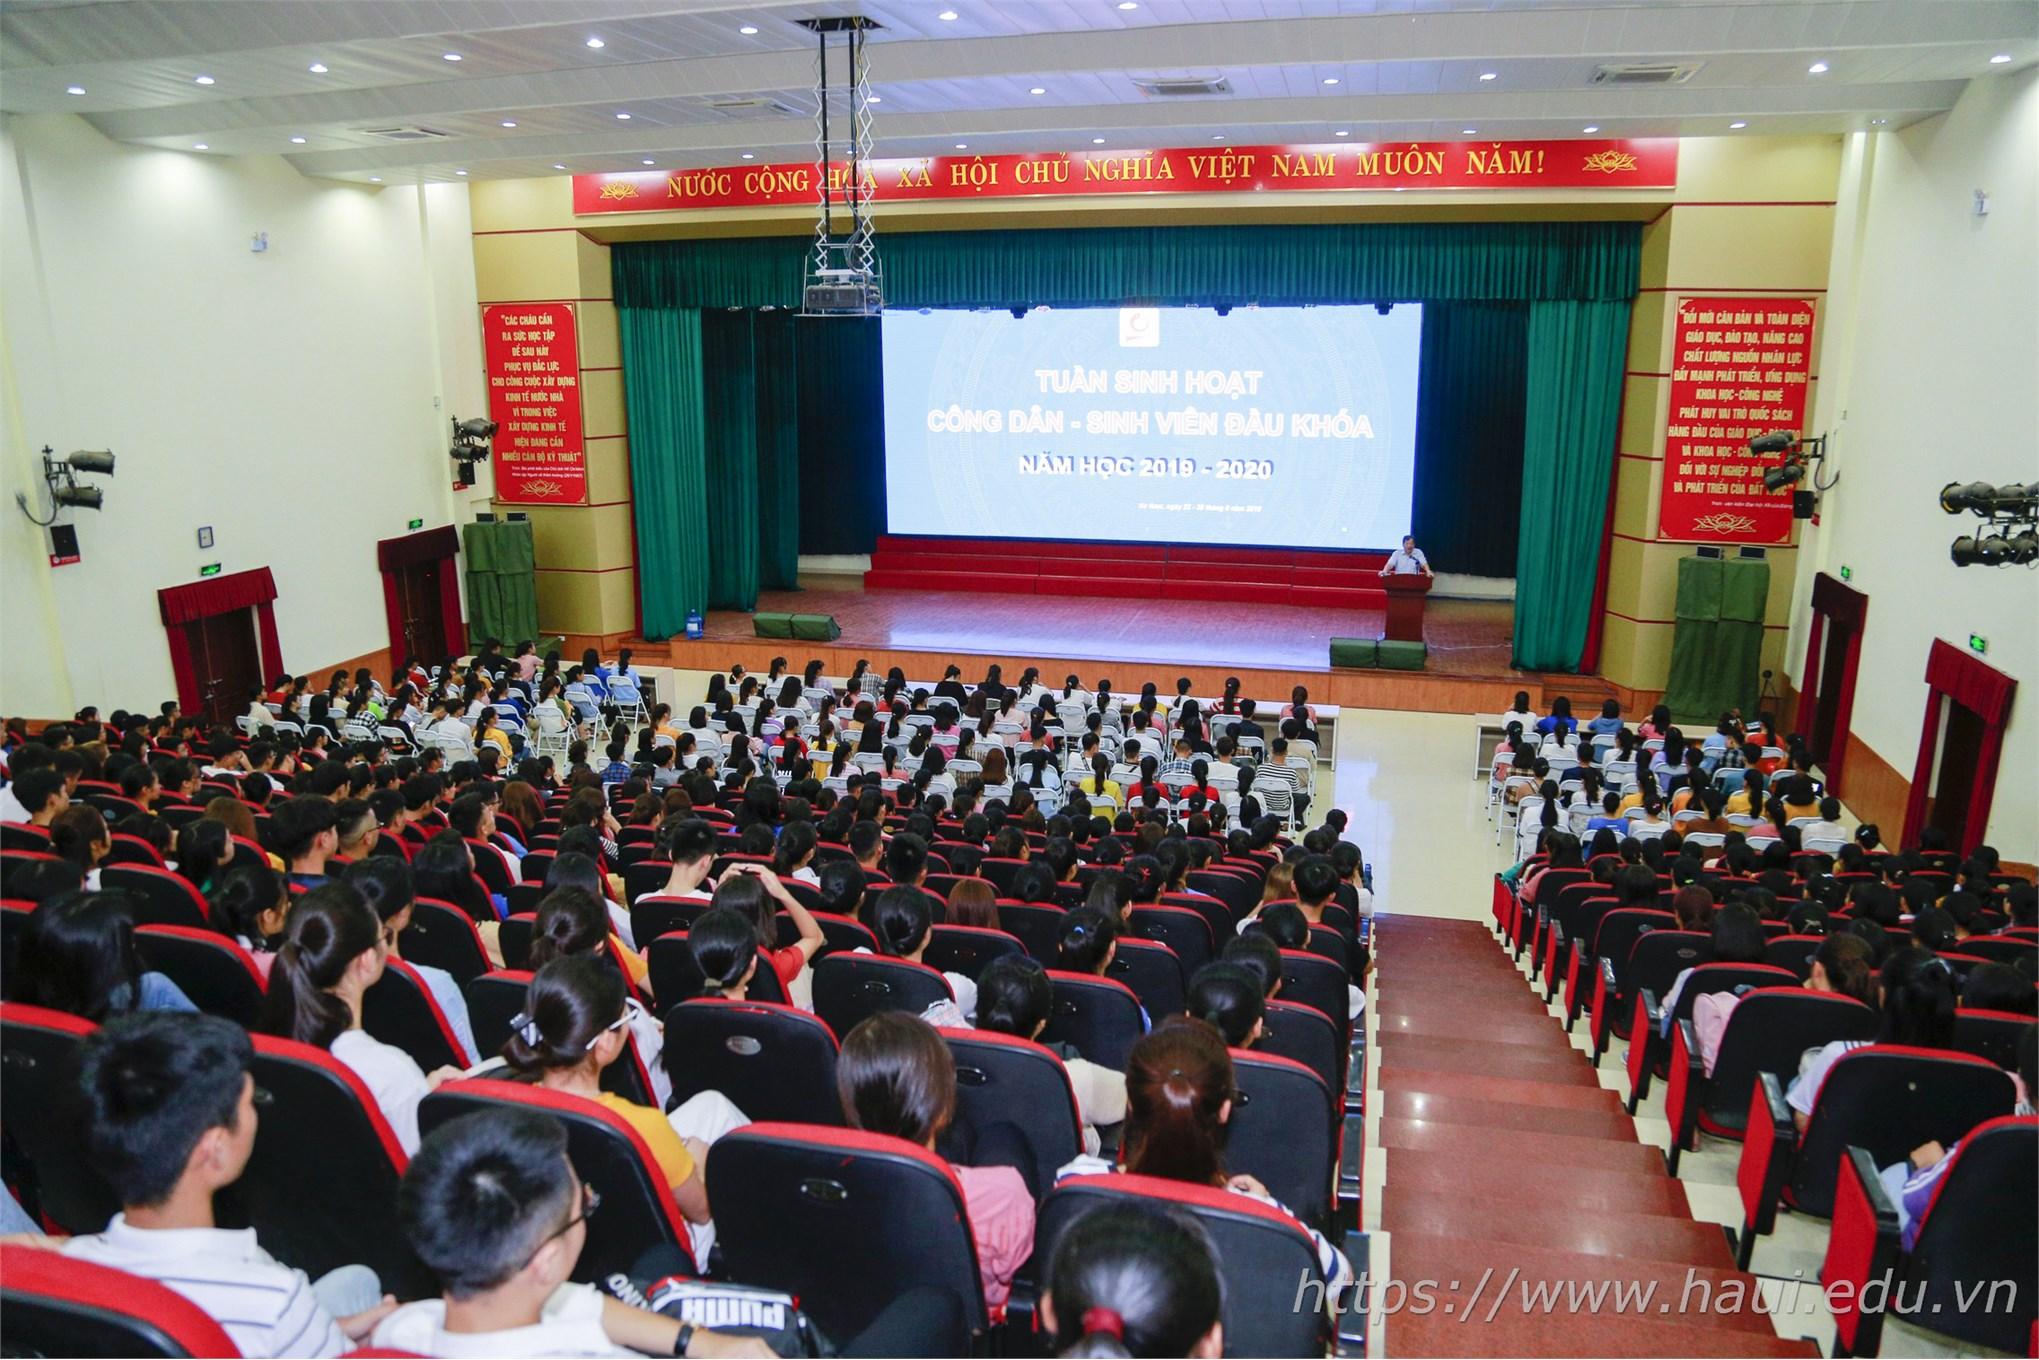 Tuần sinh hoạt công dân Đại học Công nghiệp Hà Nội